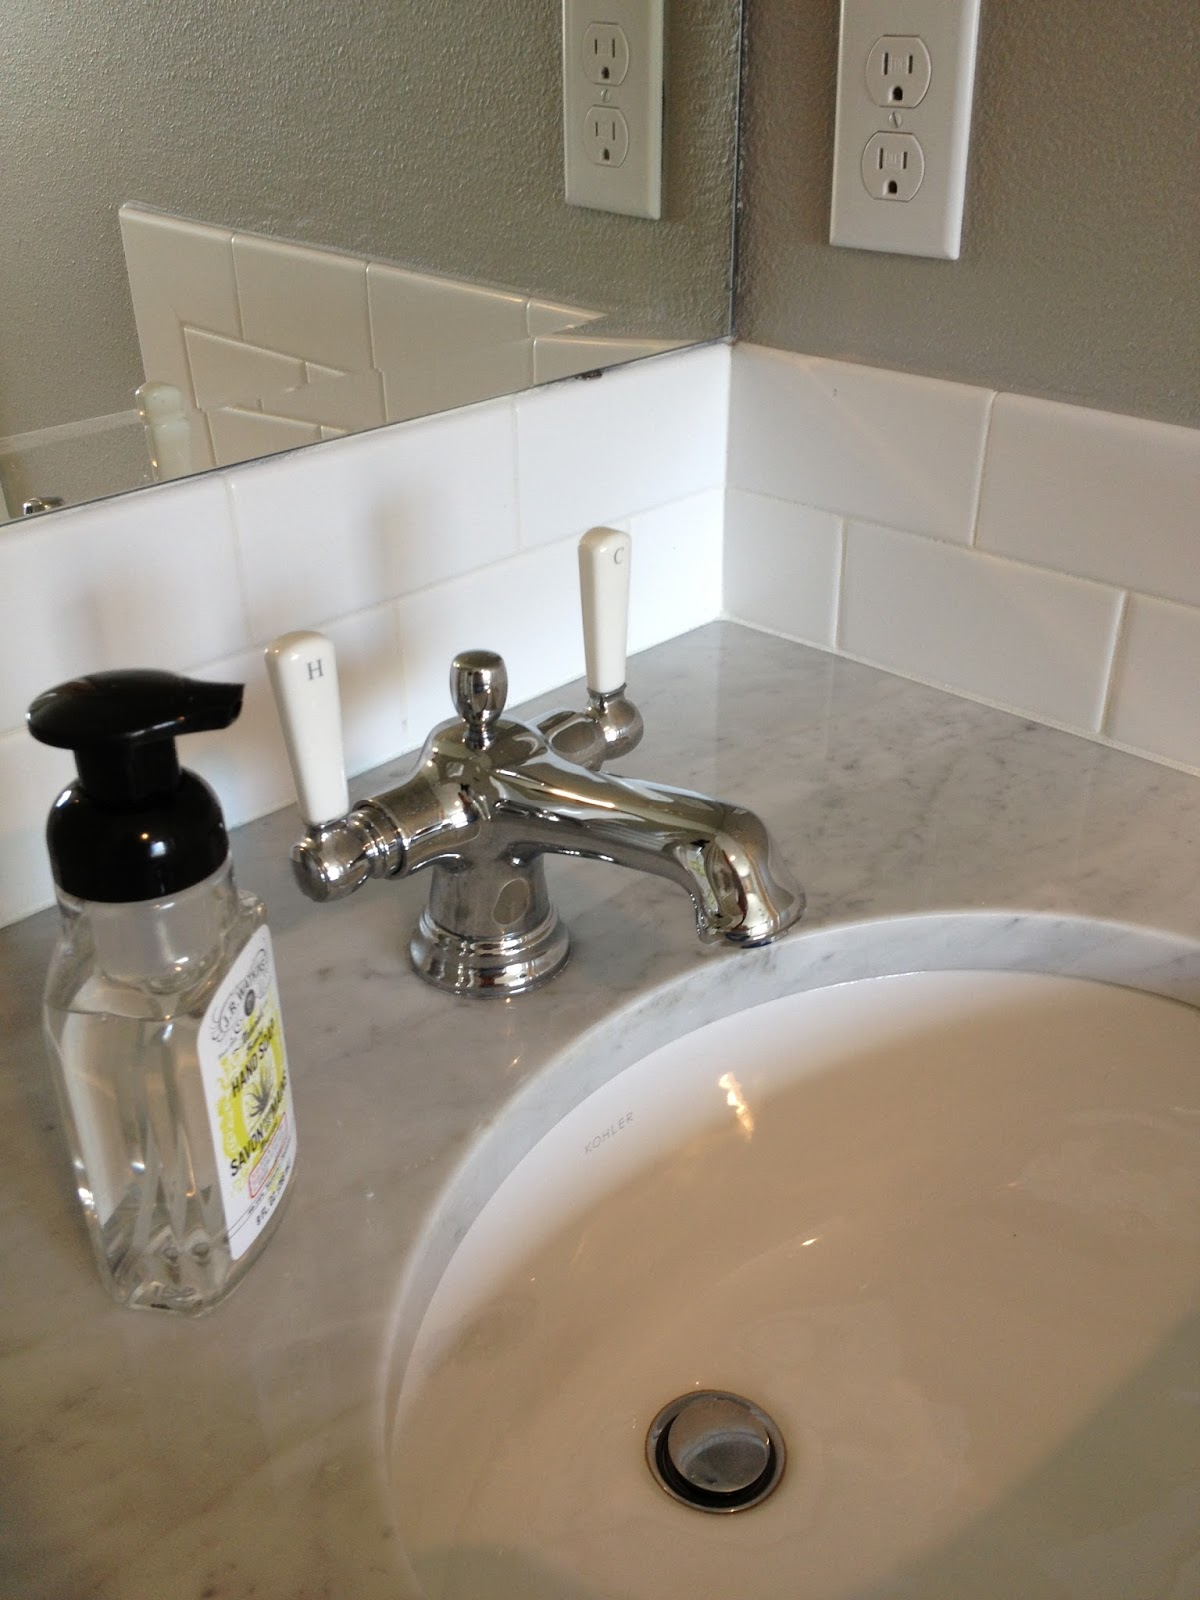 Charming Kohler Bancroft Tub Gallery - The Best Bathroom Ideas ...